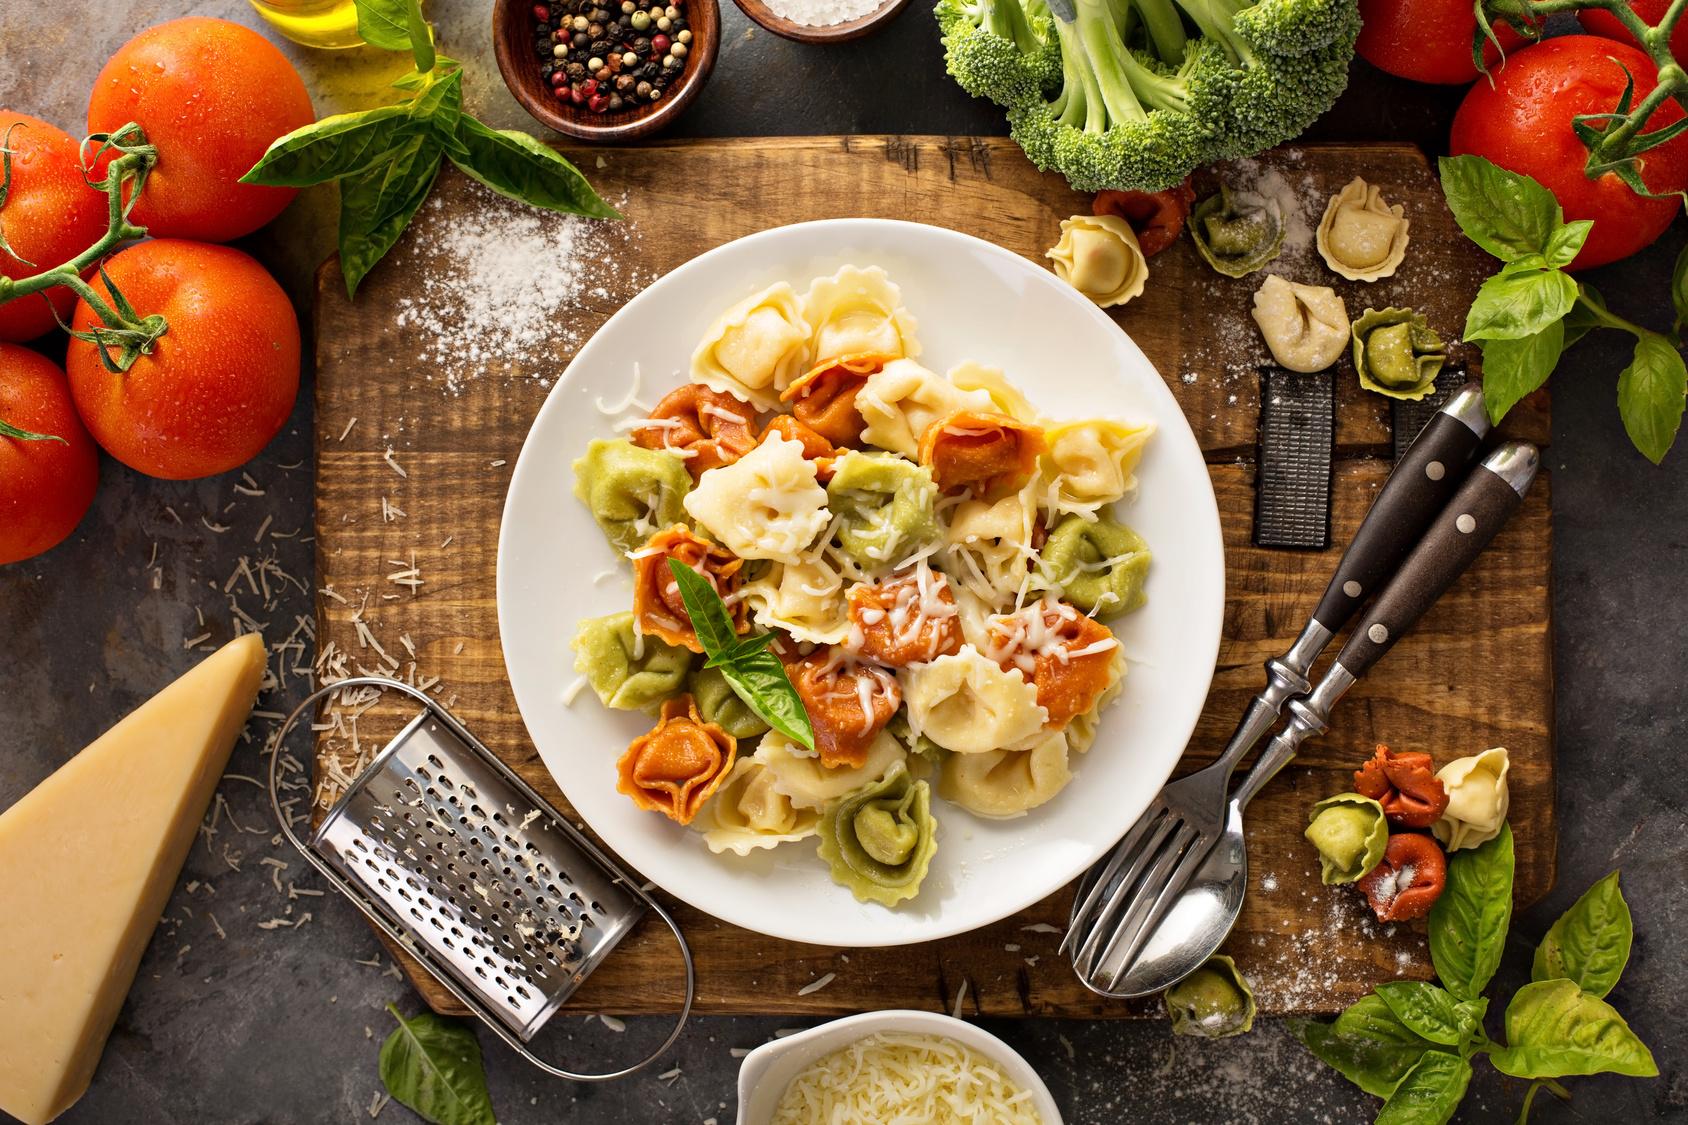 stunning schnelle vegetarische k252che photos rellikus